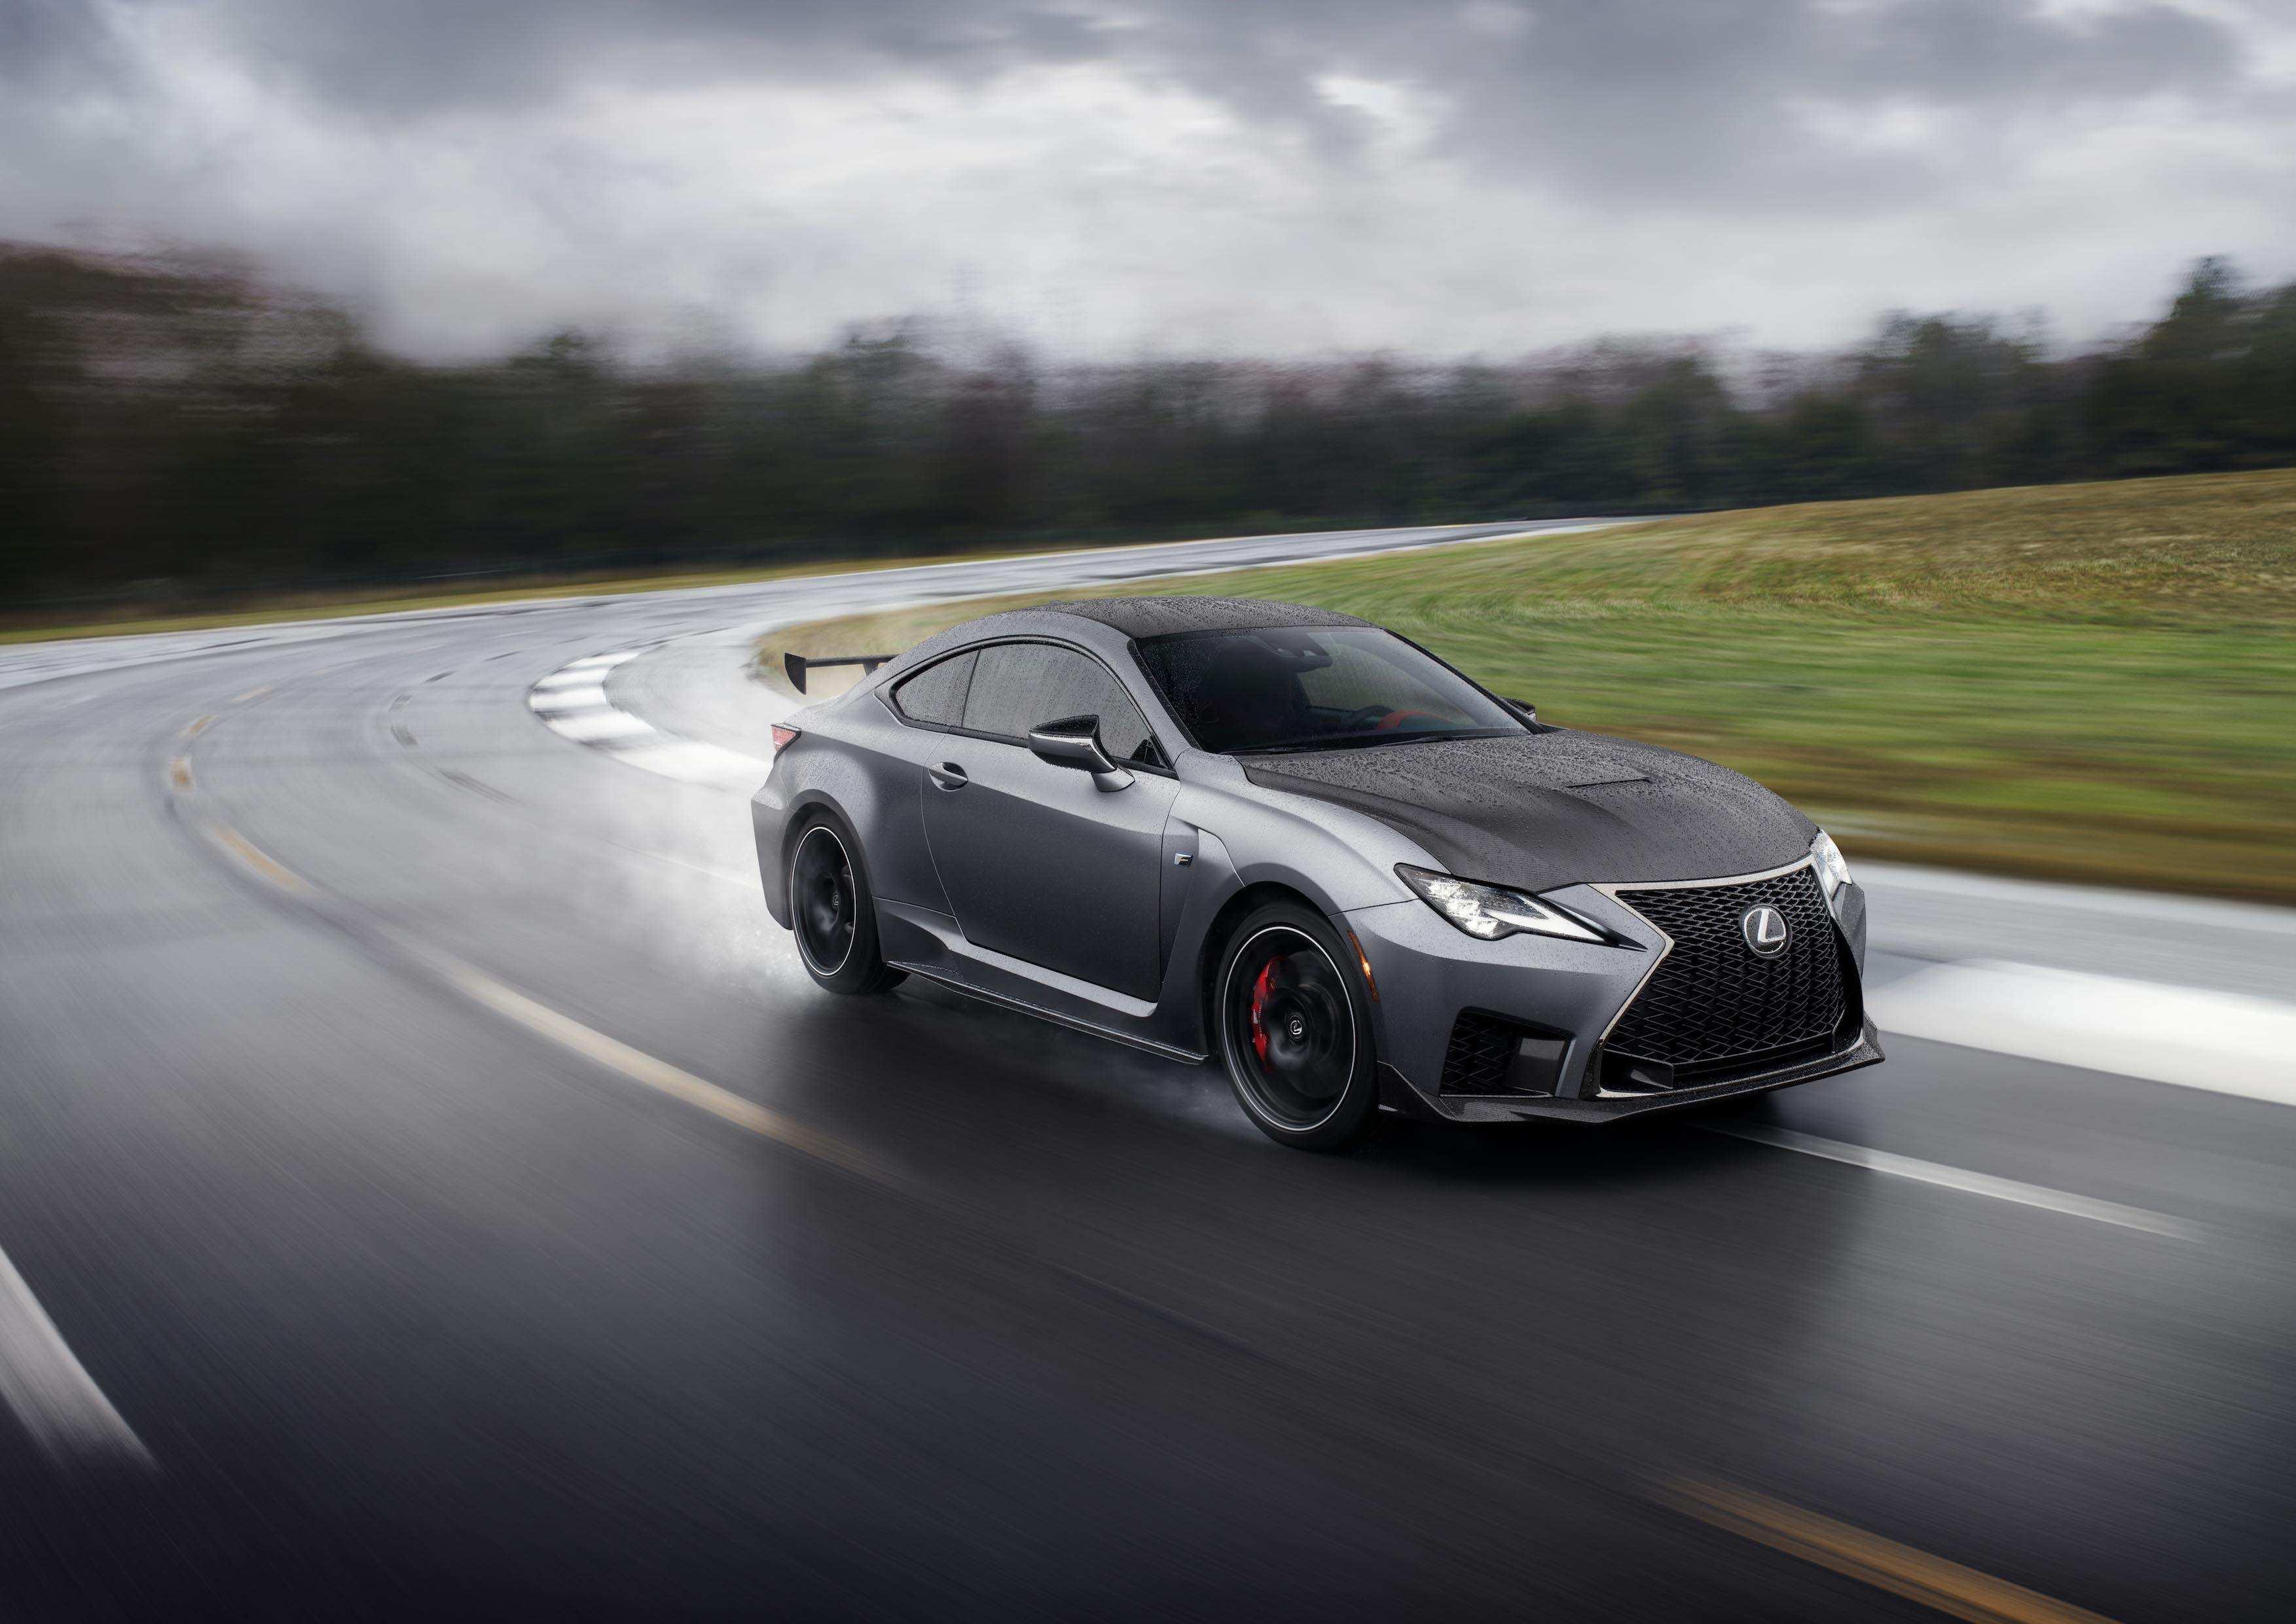 38 Best Review Lexus Design Award 2020 First Drive with Lexus Design Award 2020